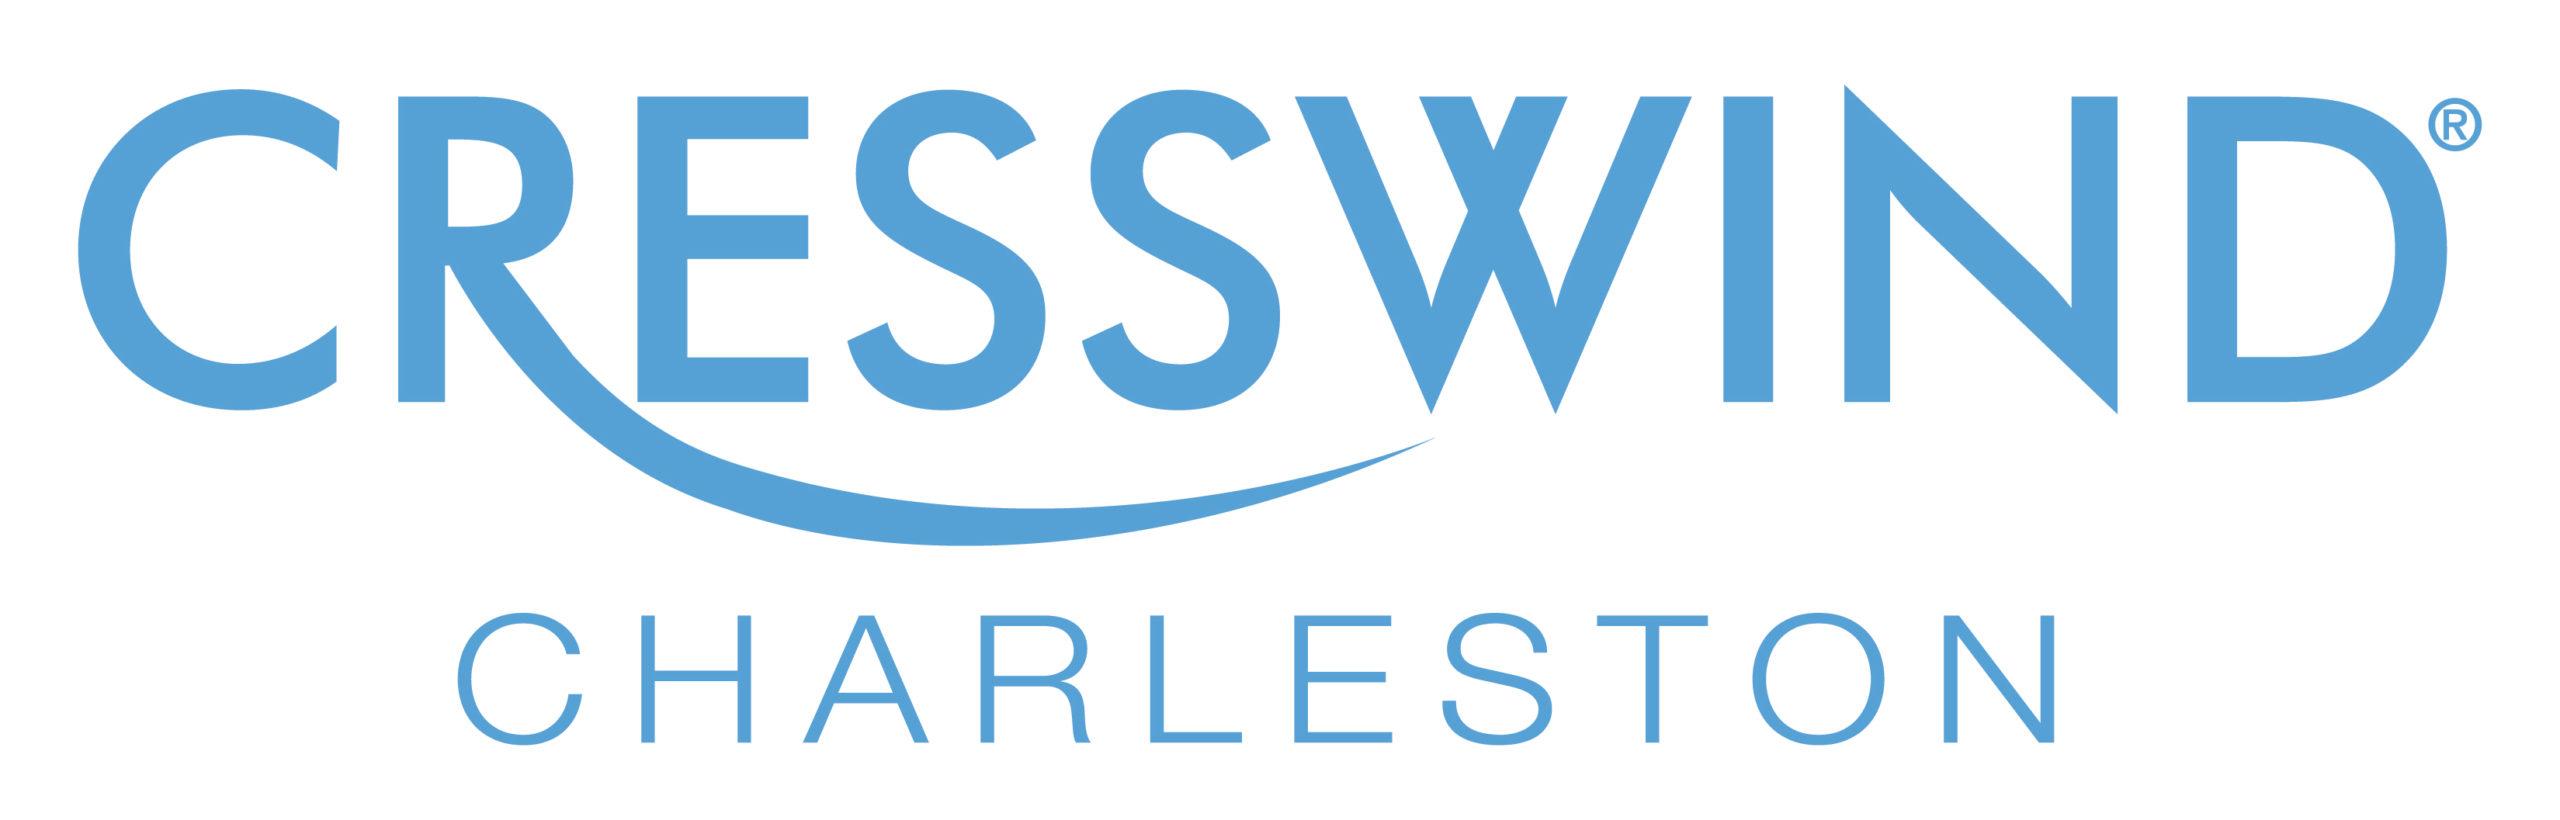 cresswind-charleston (10)